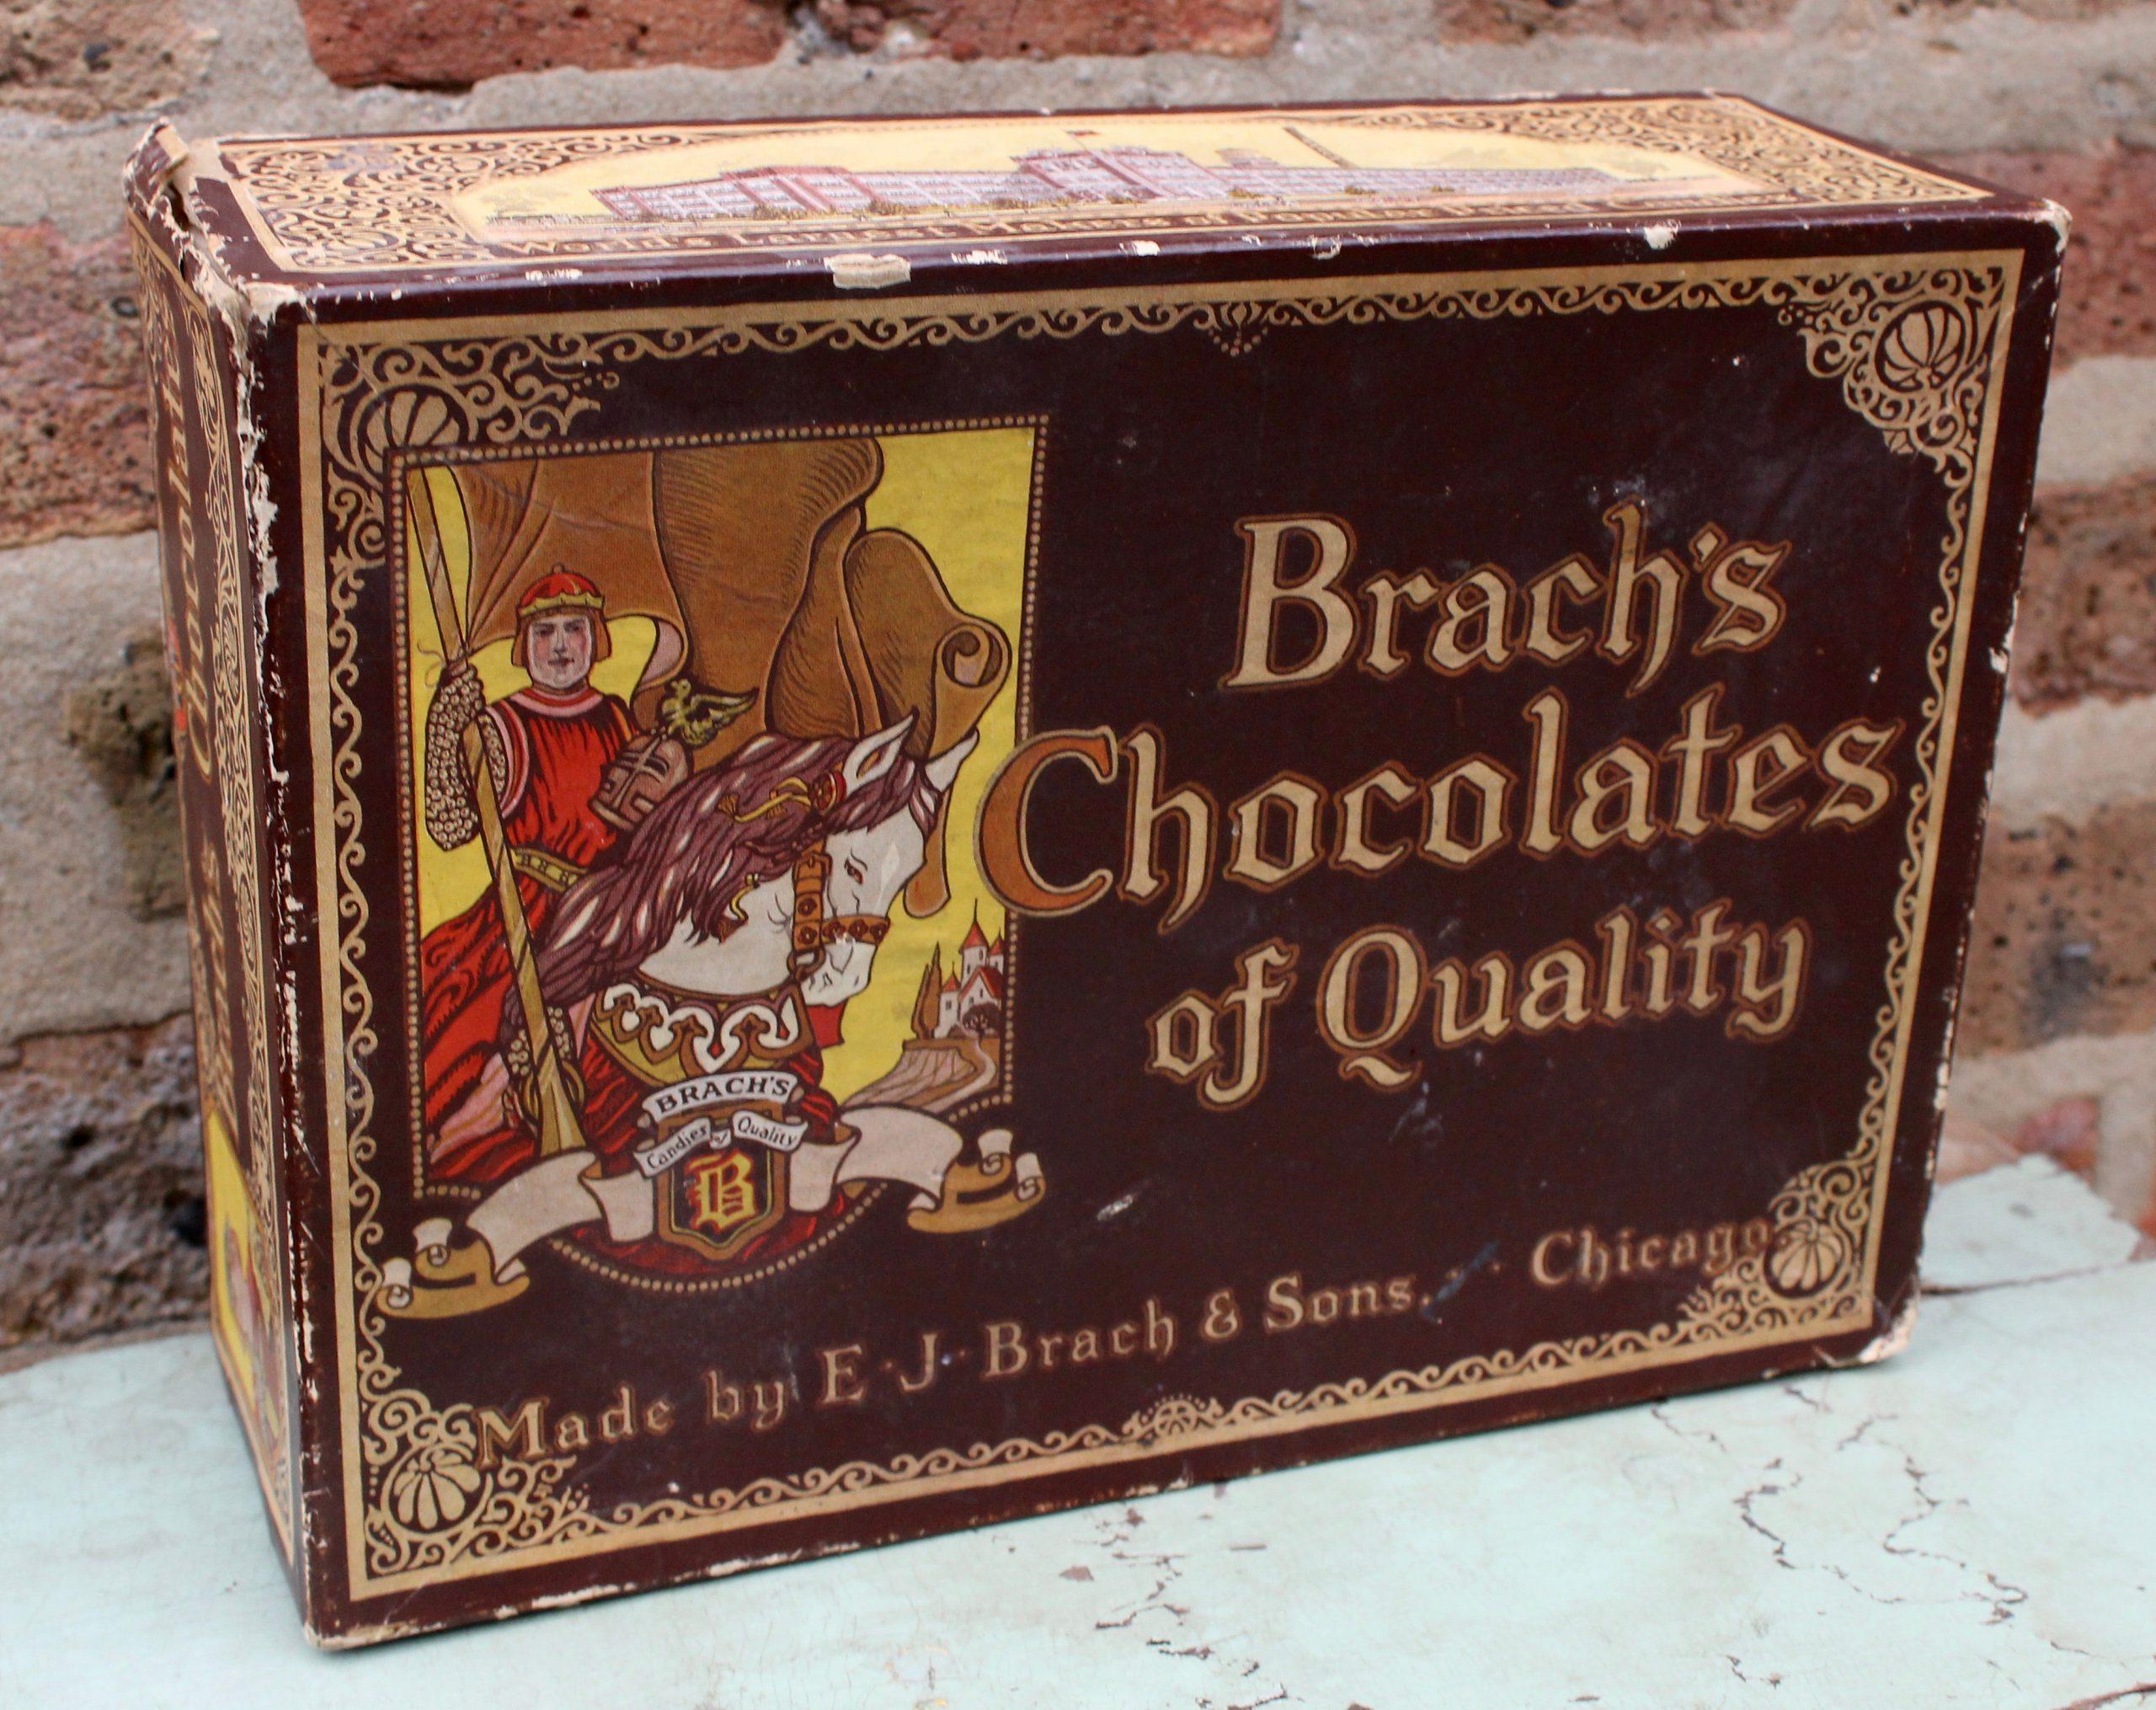 E.J. Brach & Sons, est. 1904